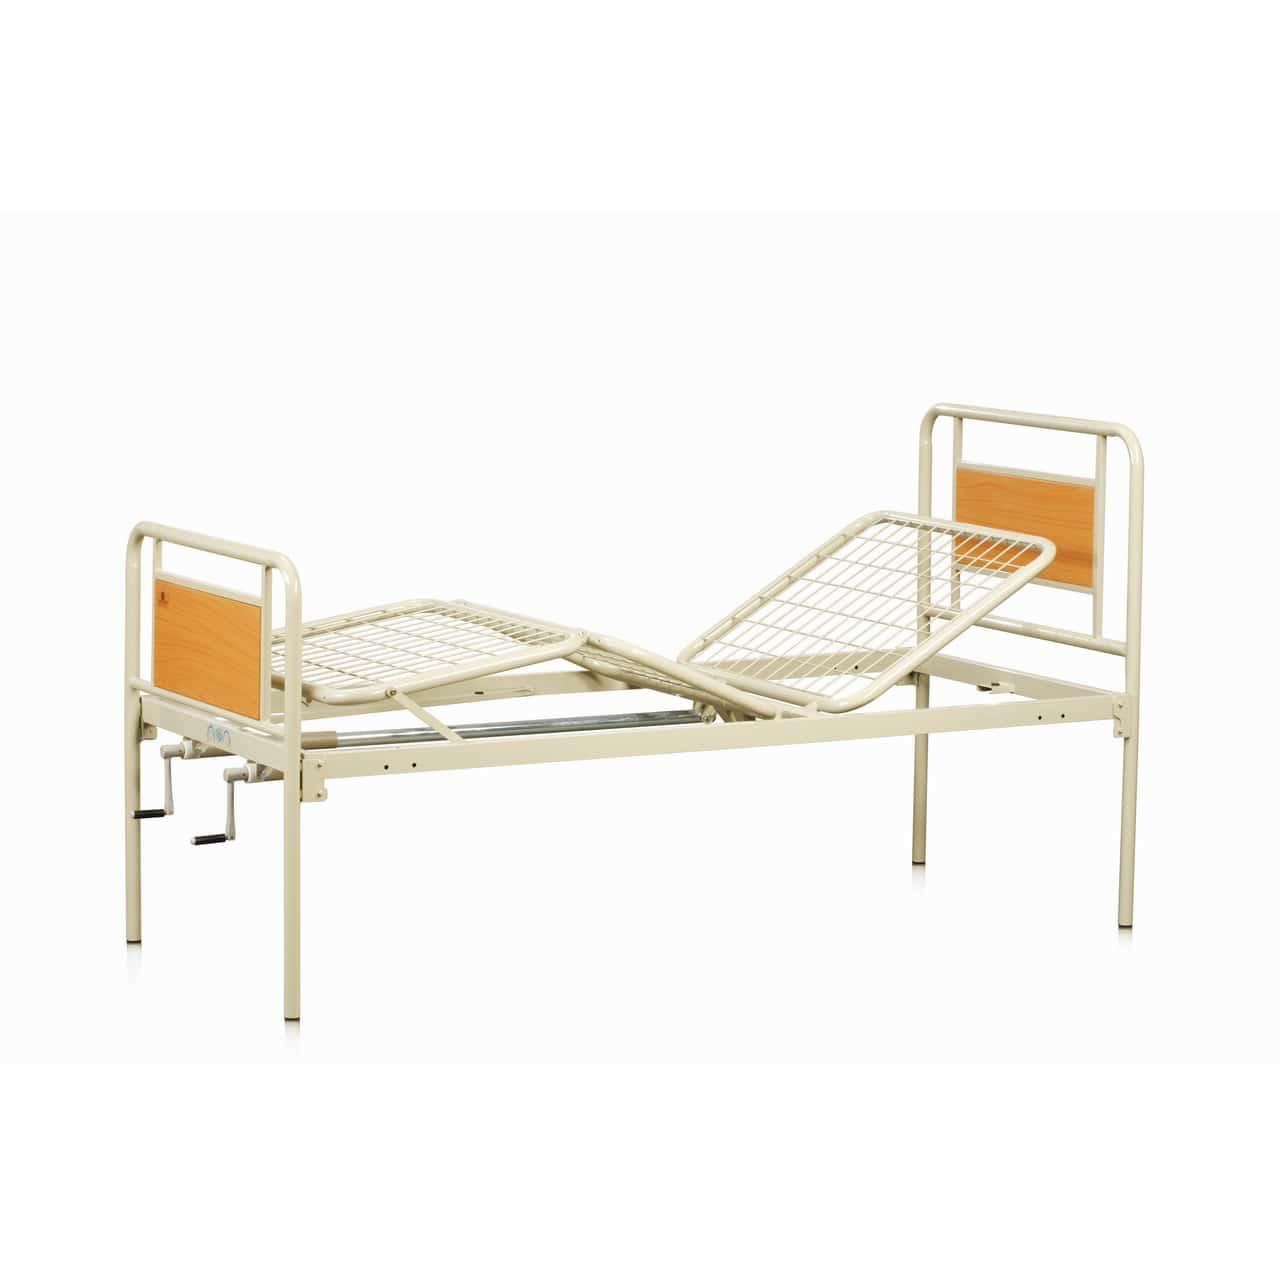 Дая Медицински Изделия Болнично легло под наем